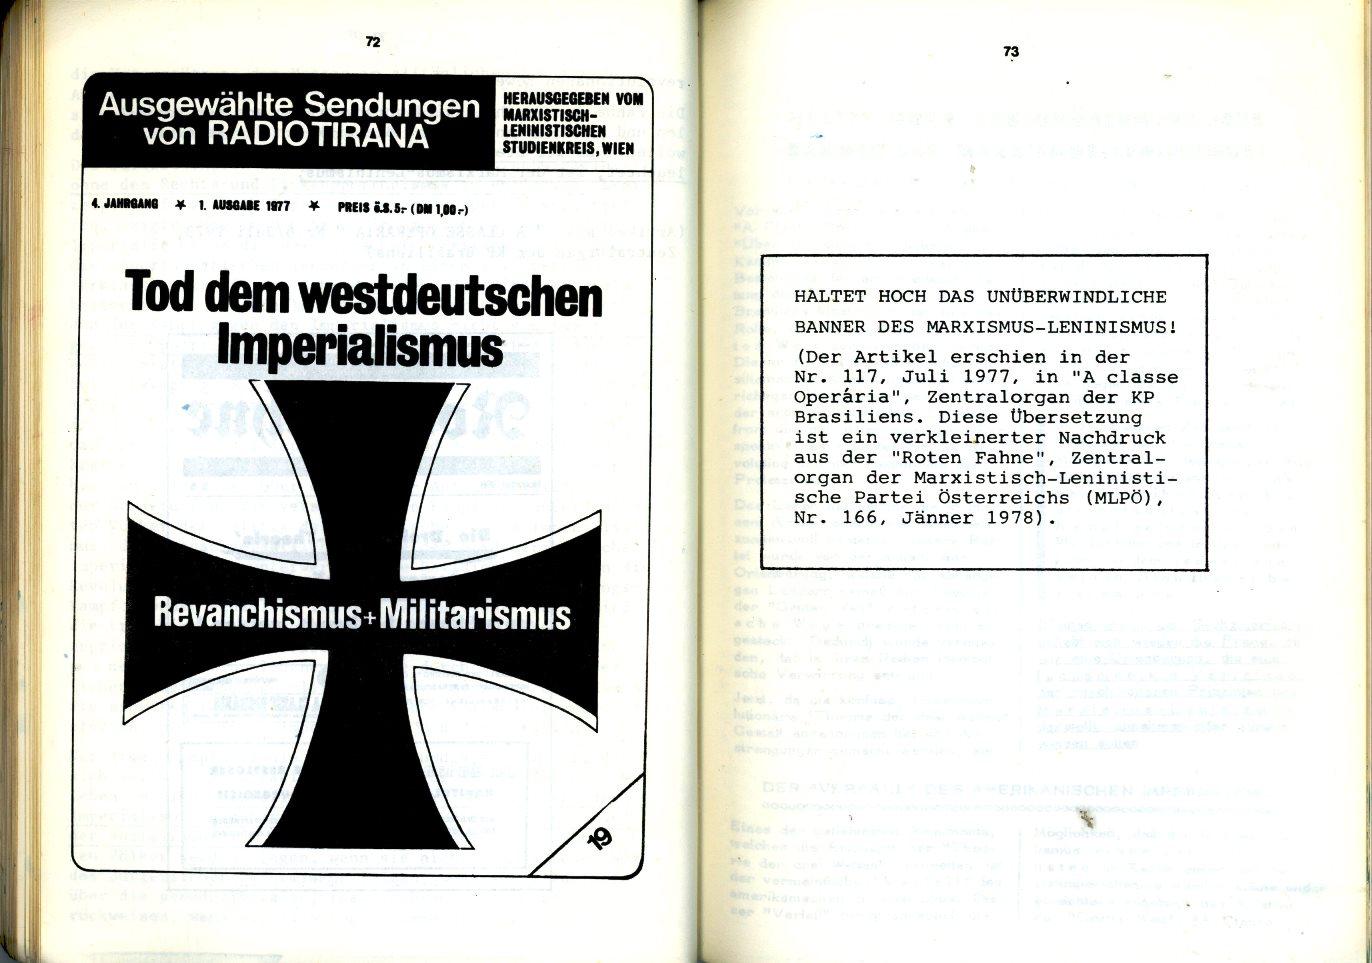 MLSK_Theorie_und_Praxis_des_ML_1978_20_45